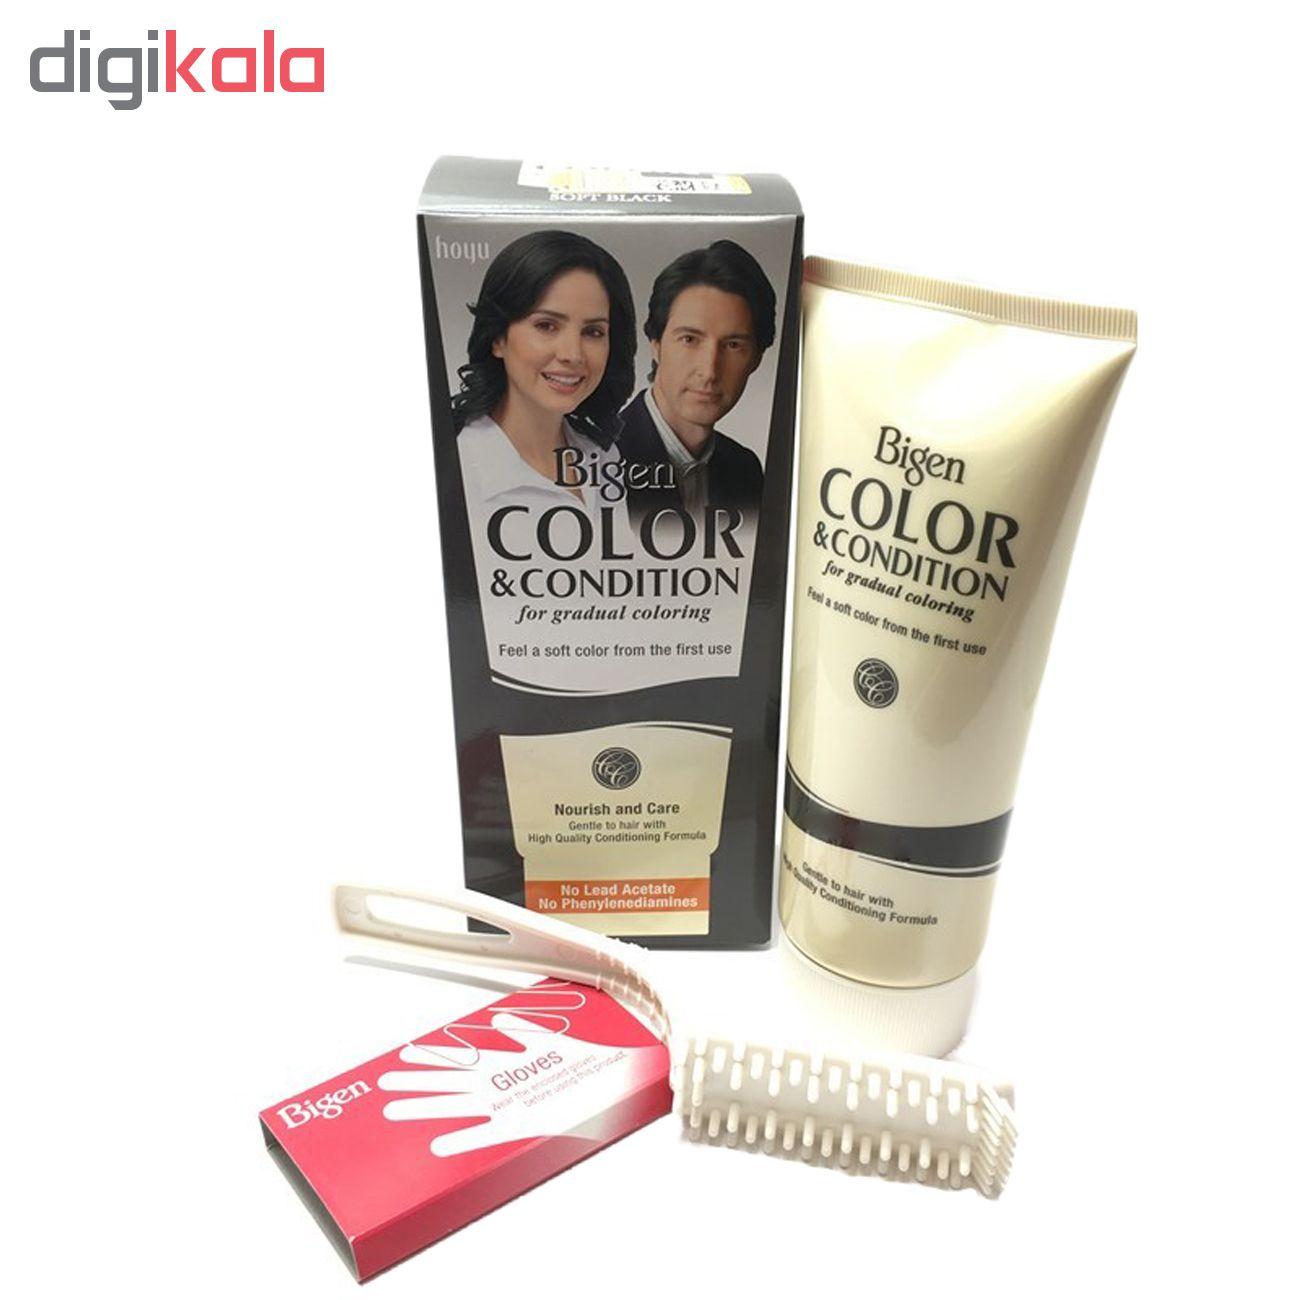 کیت رنگ مو بیگن سری Color and Condition شماره 9-1 حجم 180 میلیلیتر رنگ خاکستری دودی